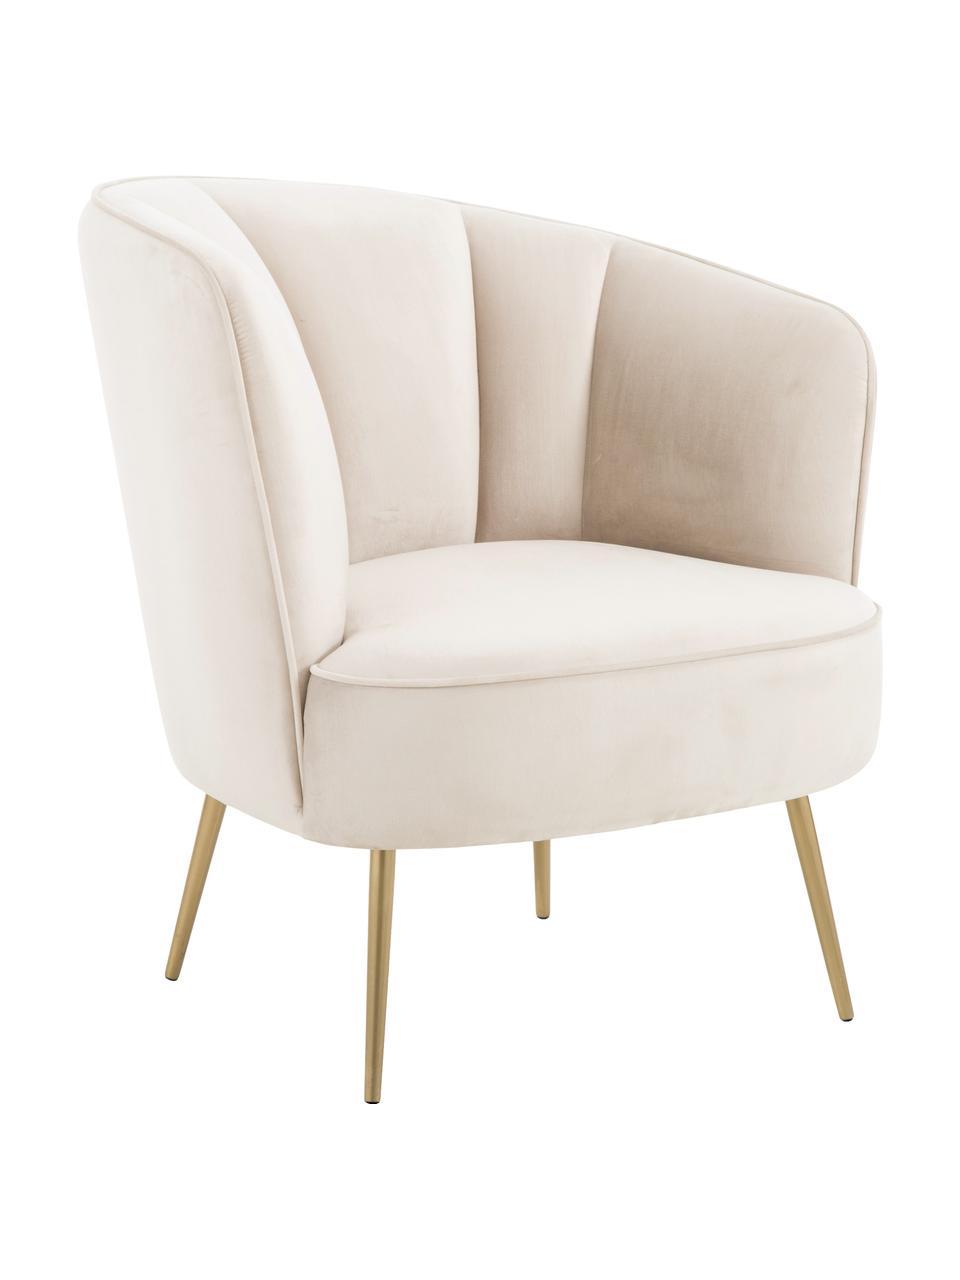 Fluwelen fauteuil Louise in beige, Bekleding: fluweel (polyester), Poten: gecoat metaal, Fluweel beige, 76 x 75 cm